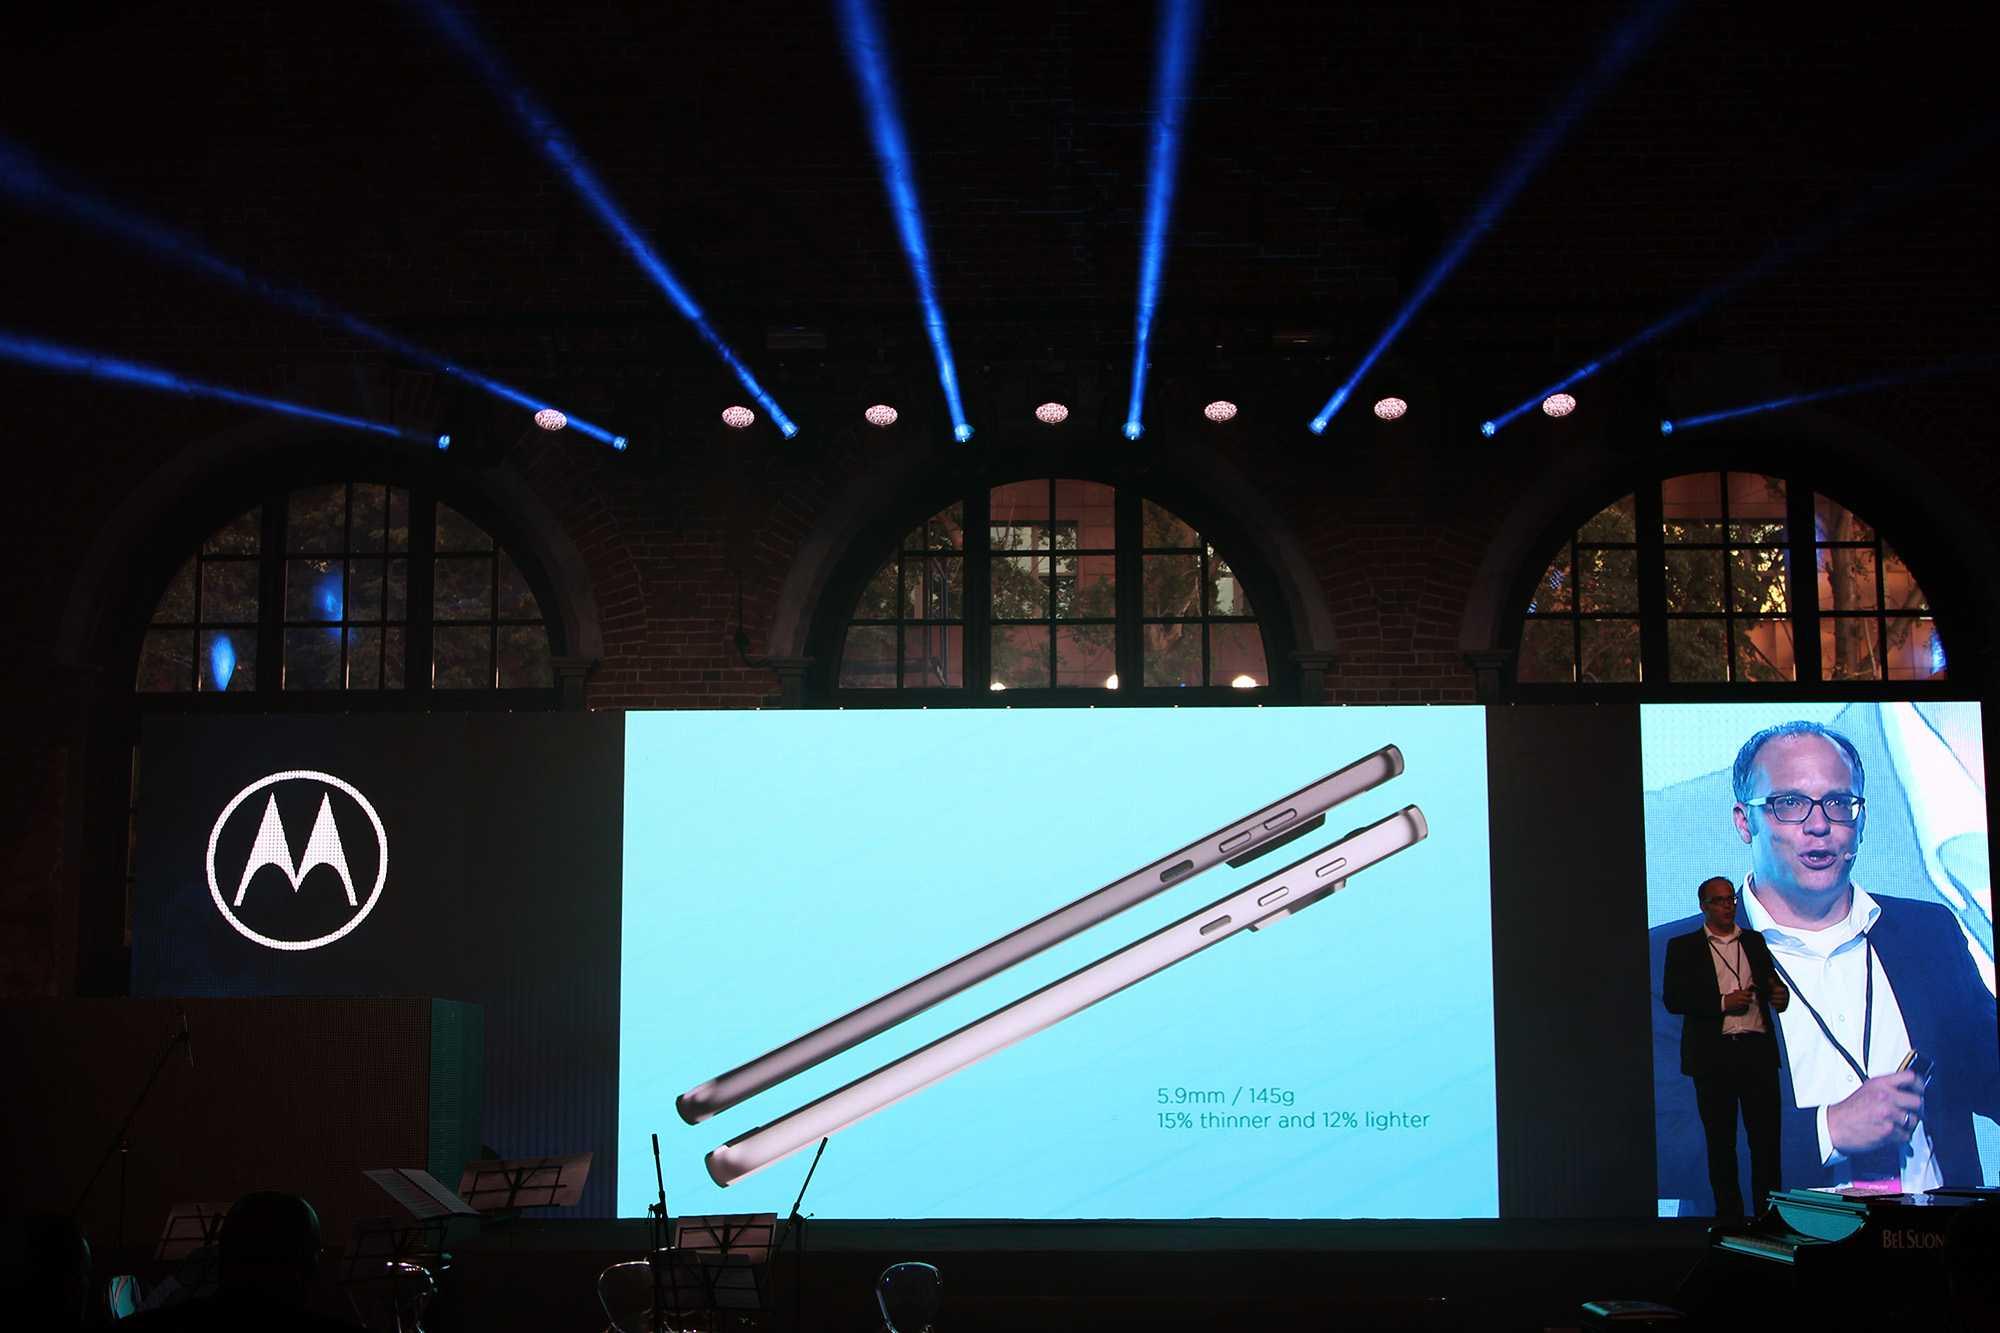 Легендарный бренд vertu возродился и выпустил смартфон за $14 тысяч. фото. опрос